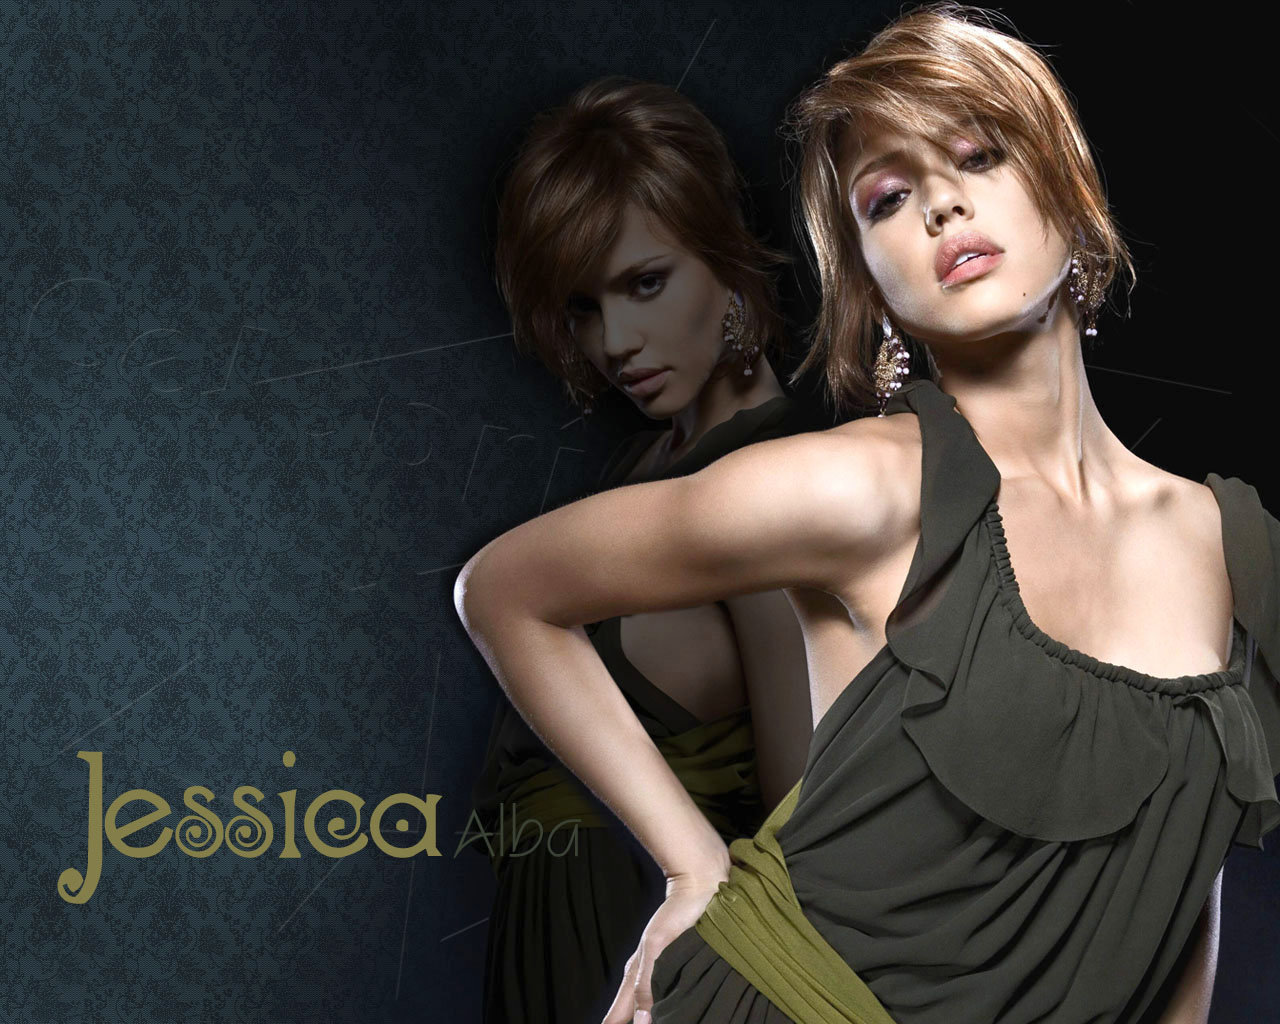 Jessica Alba Hot Model Picture  SheClickcom